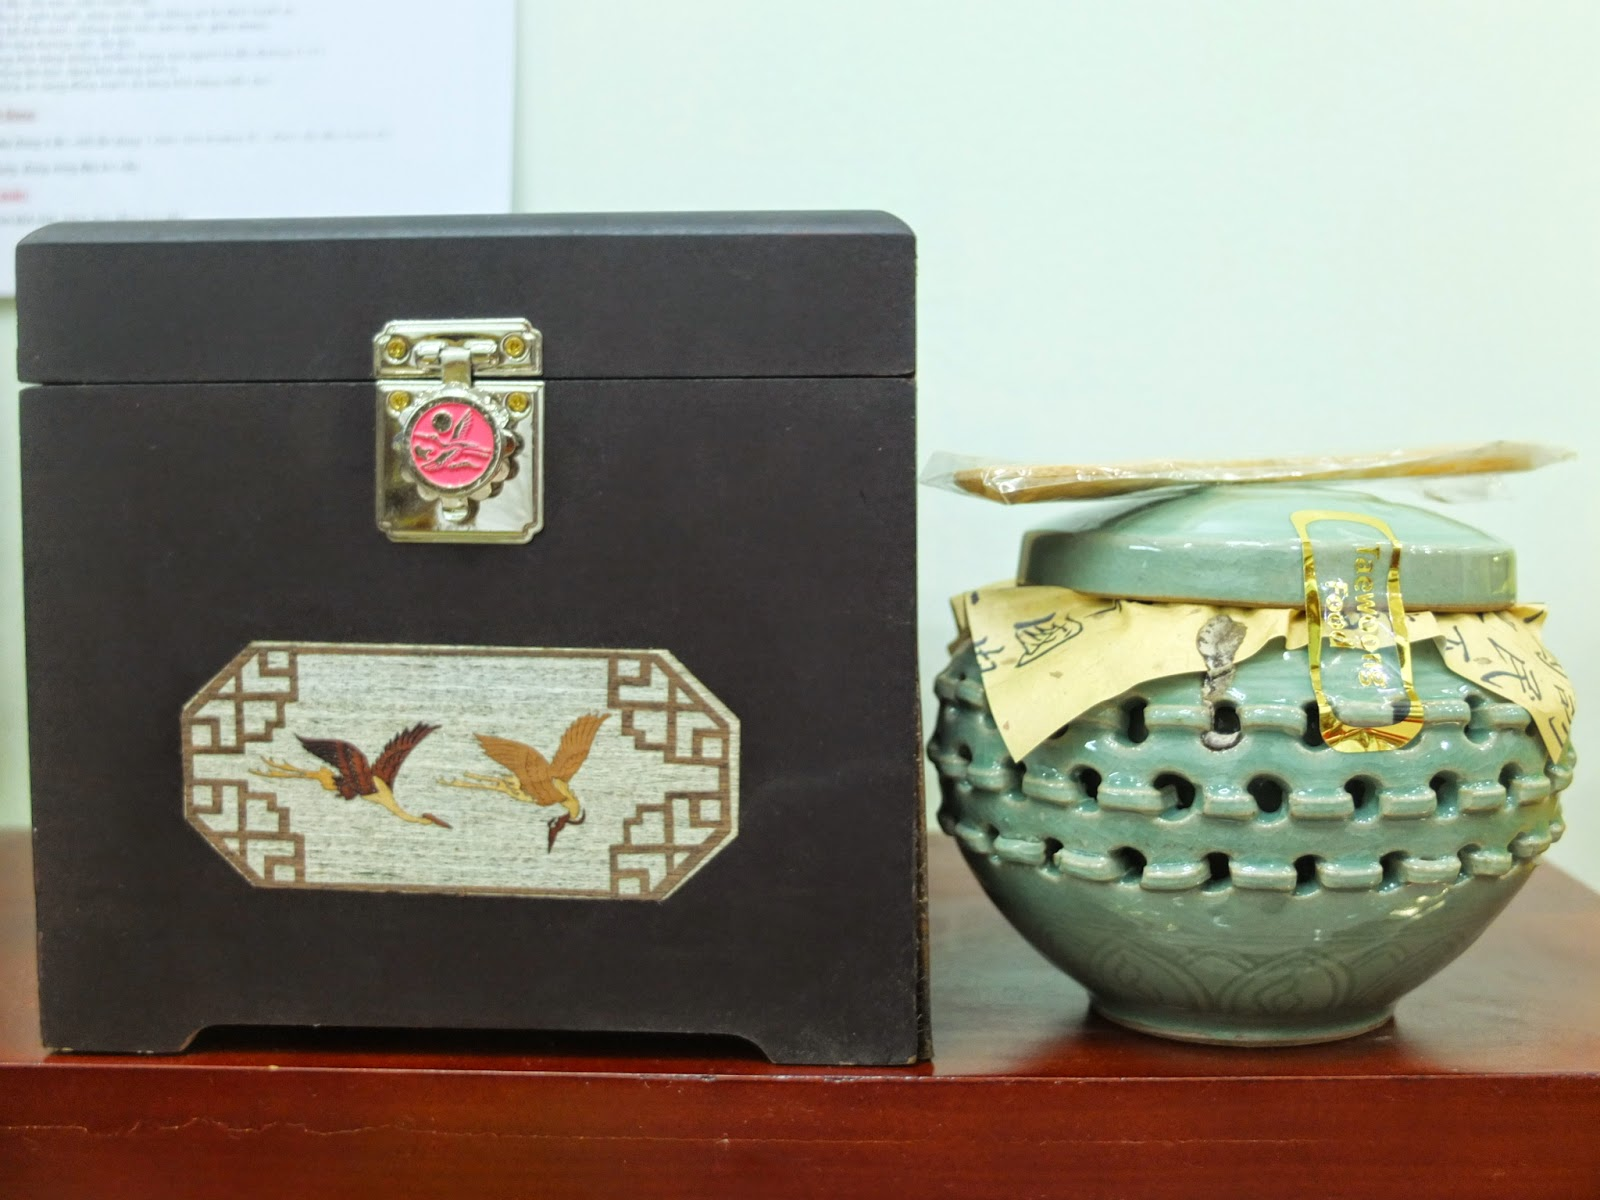 Cao Hồng Sâm Hoàng Đế 1000g - dacsanthiennhien.net